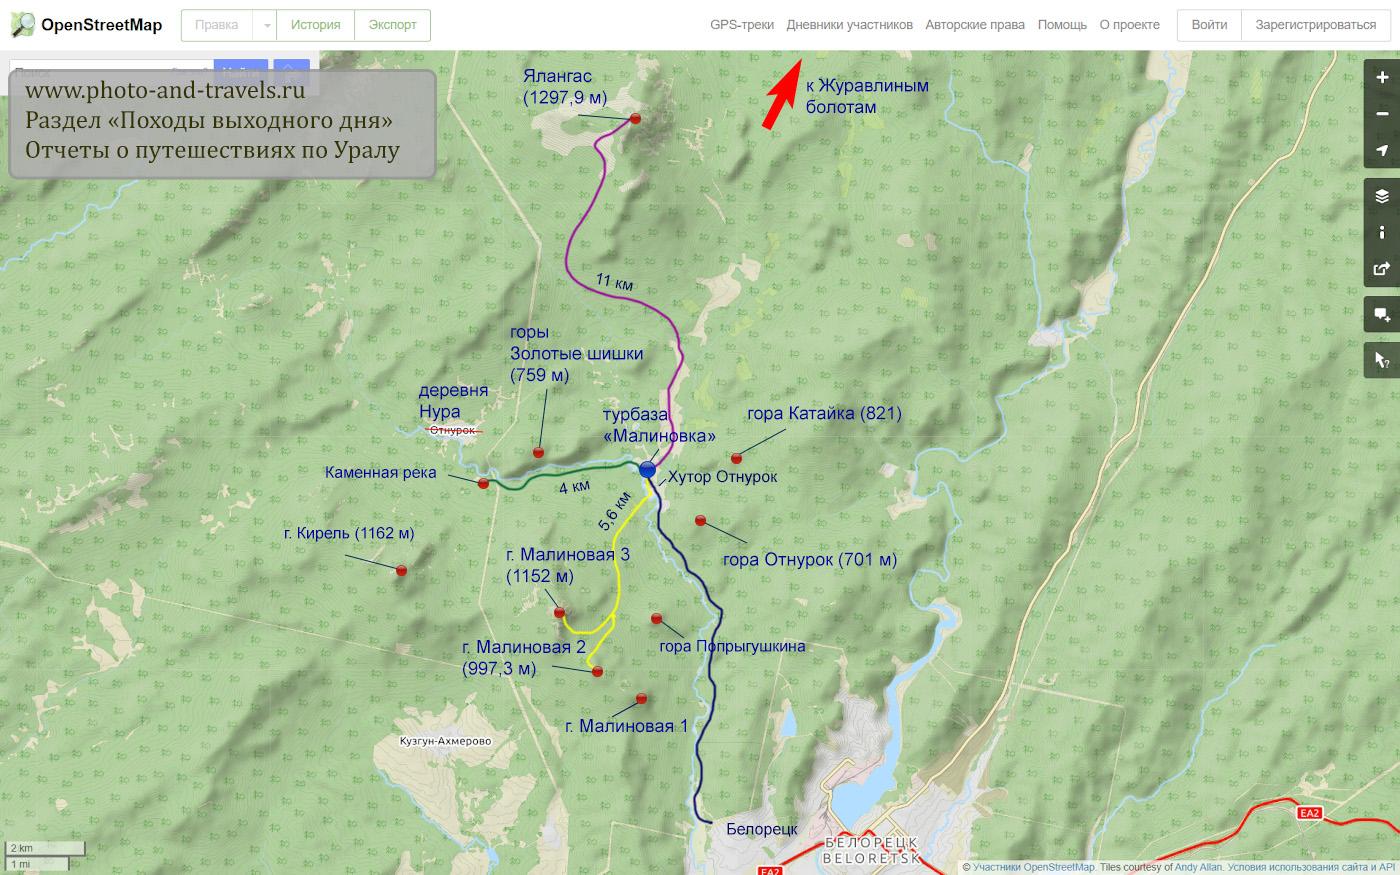 10. Карта, поясняющая расположение горных вершин по отношению к хутору Отнурок и турбазе «Малиновка».